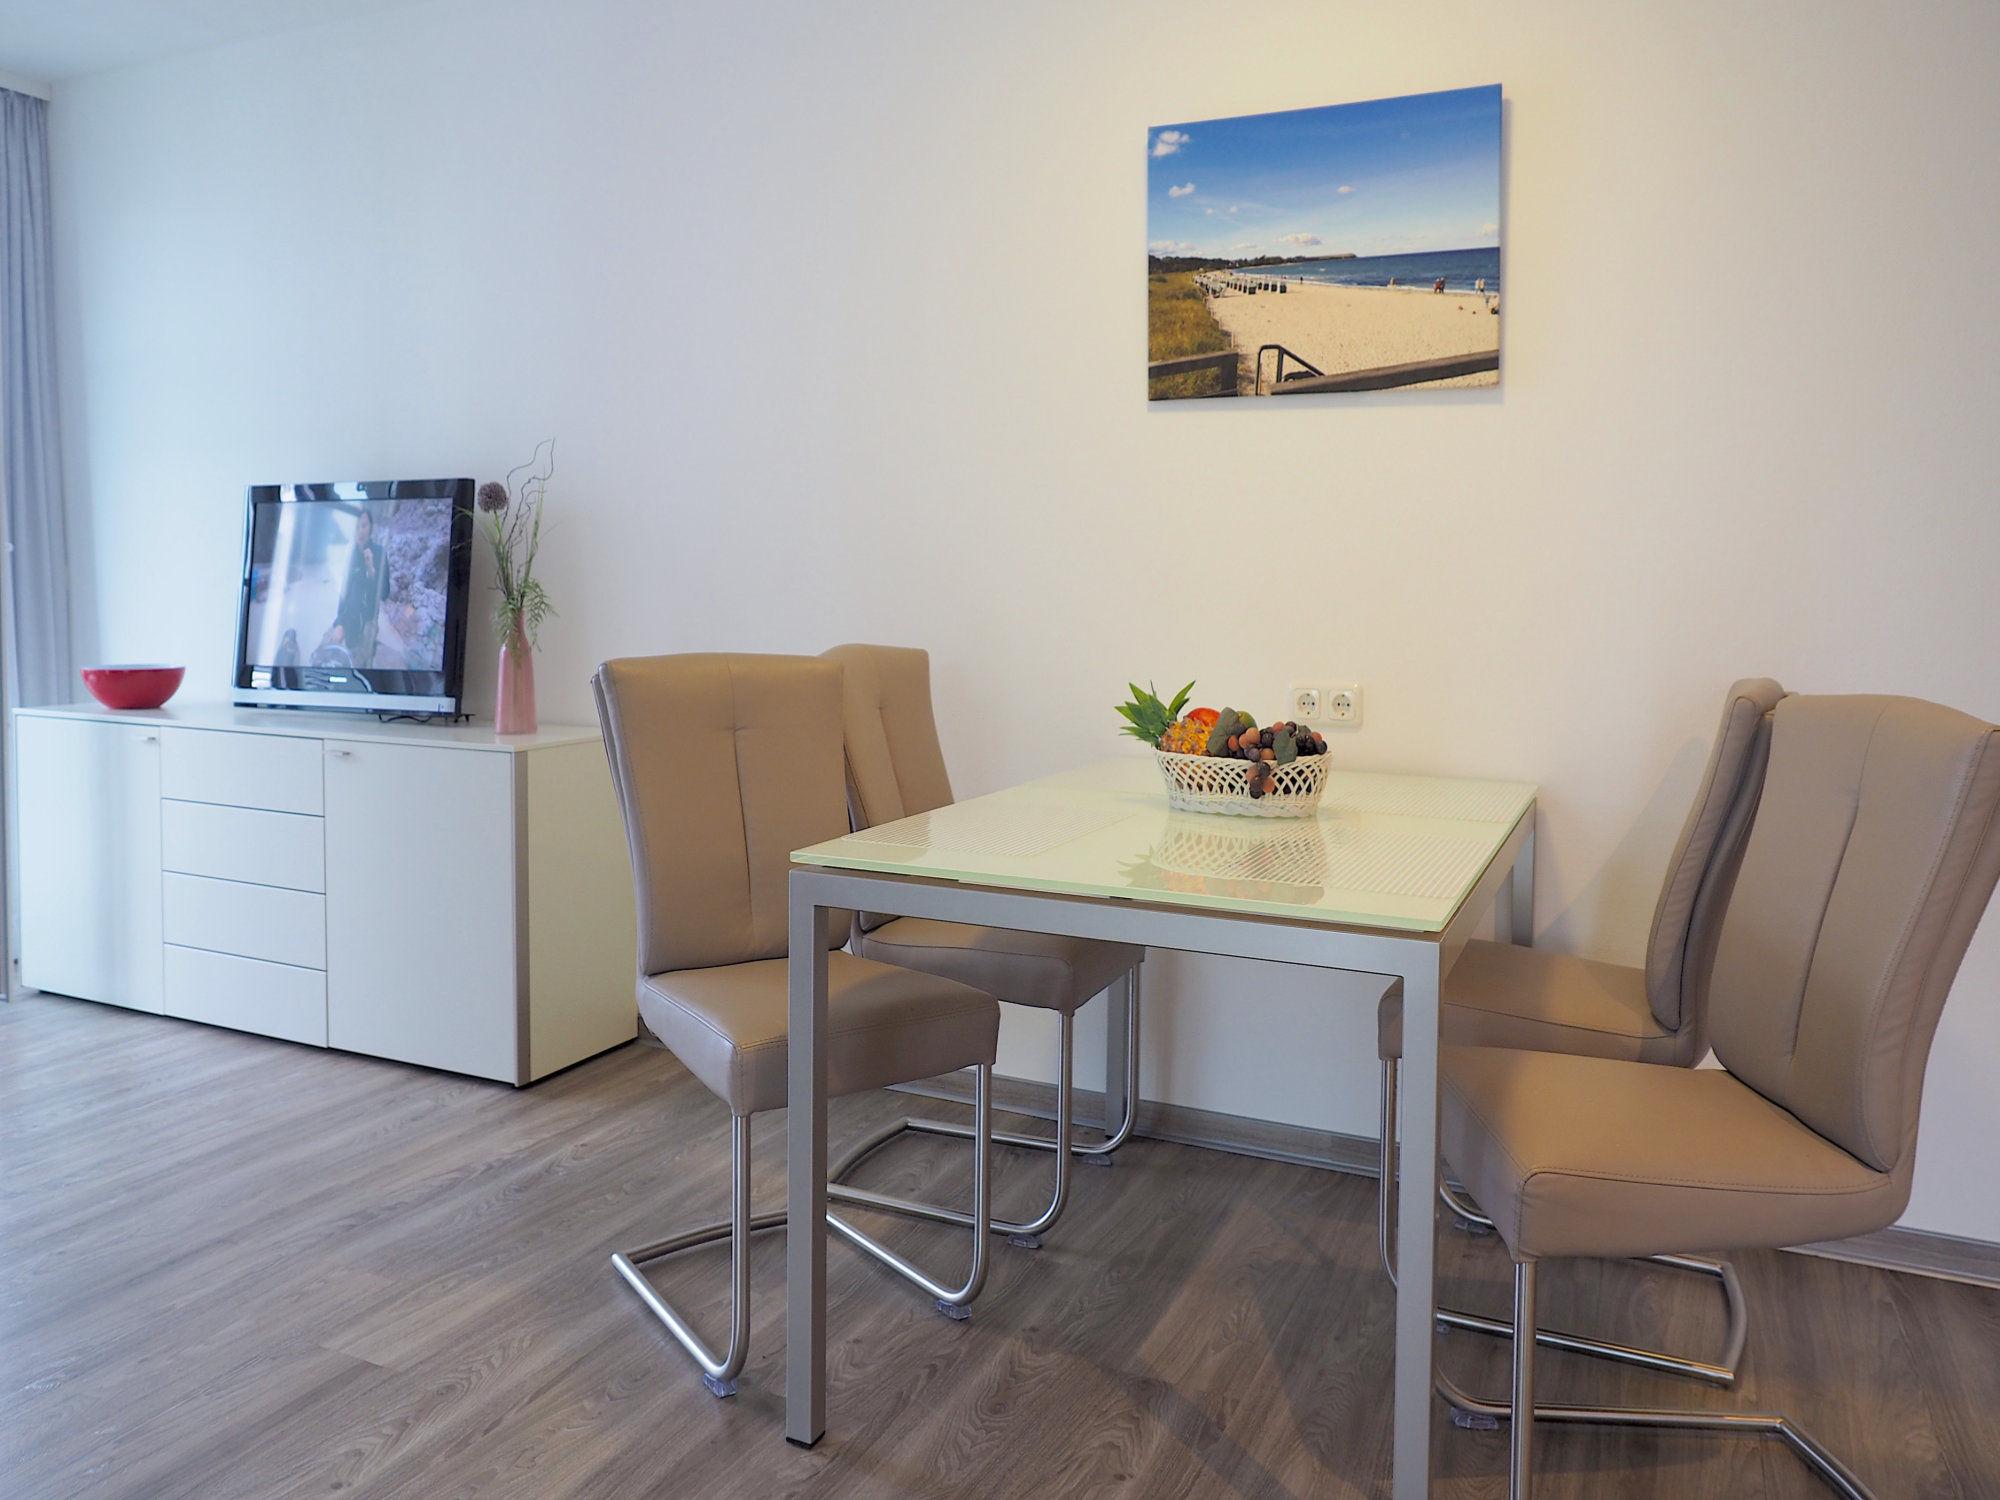 Esstisch mit 4 Stühlen und Sideboard mit Flatscreen TV